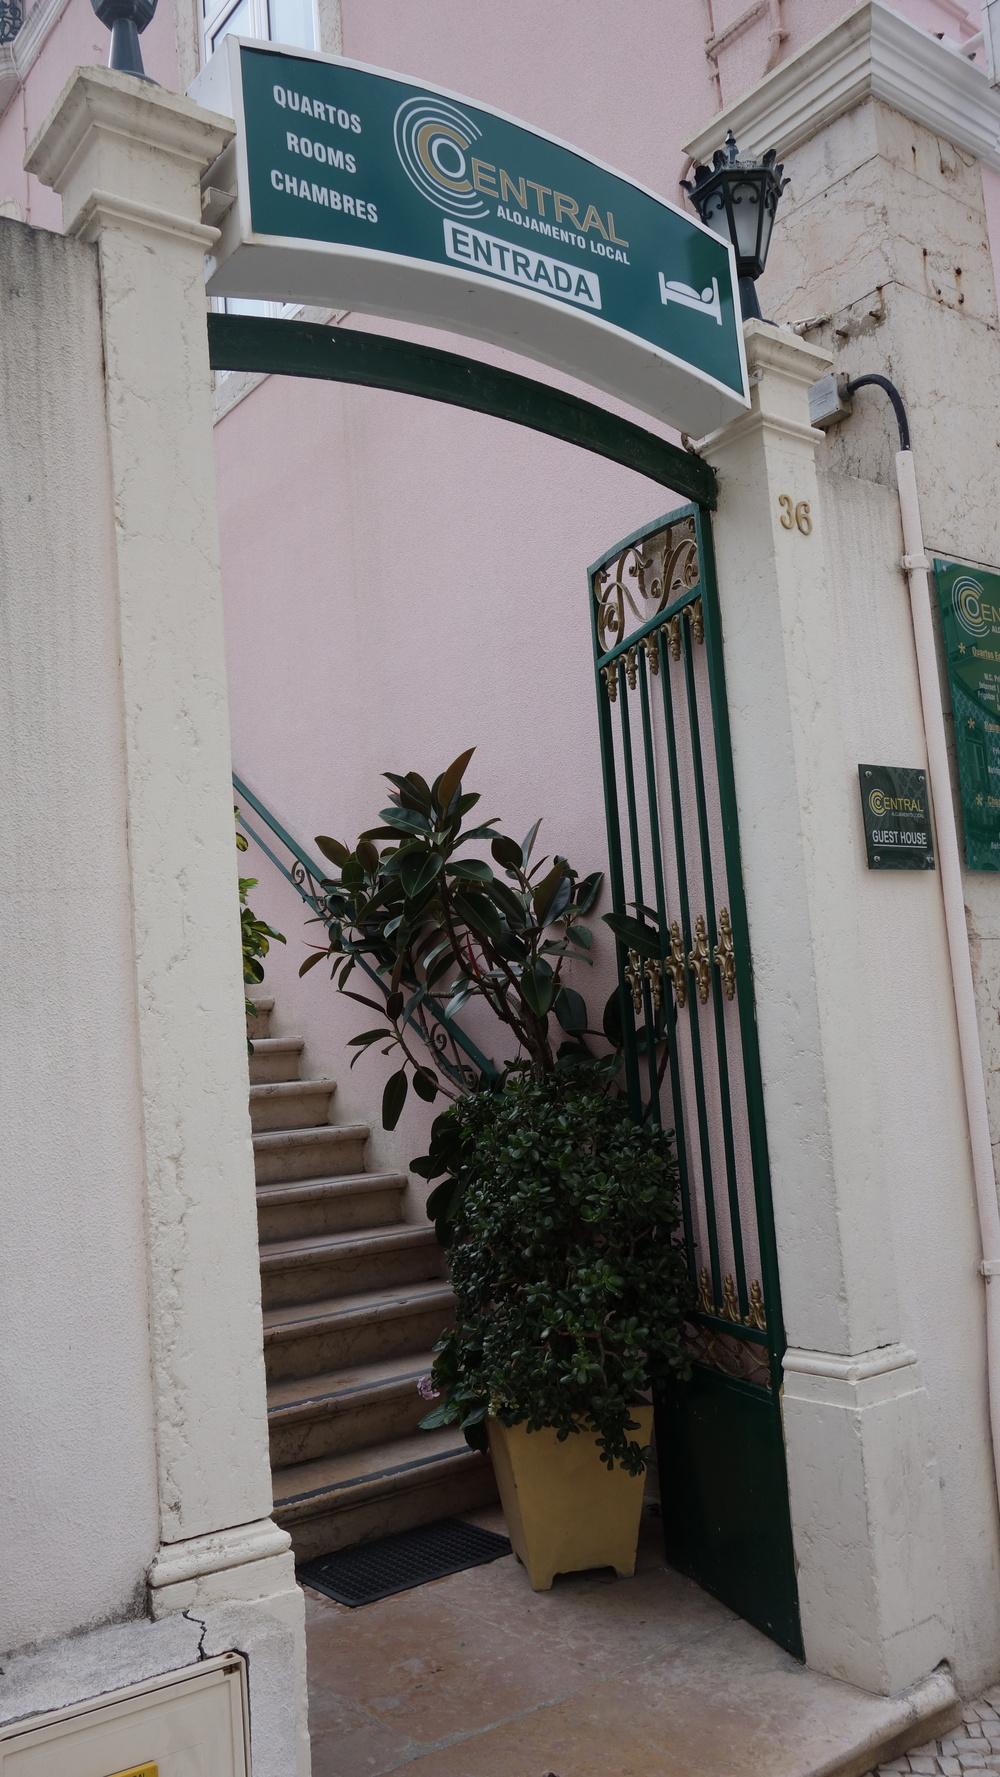 Guest house in Figueria da Foz